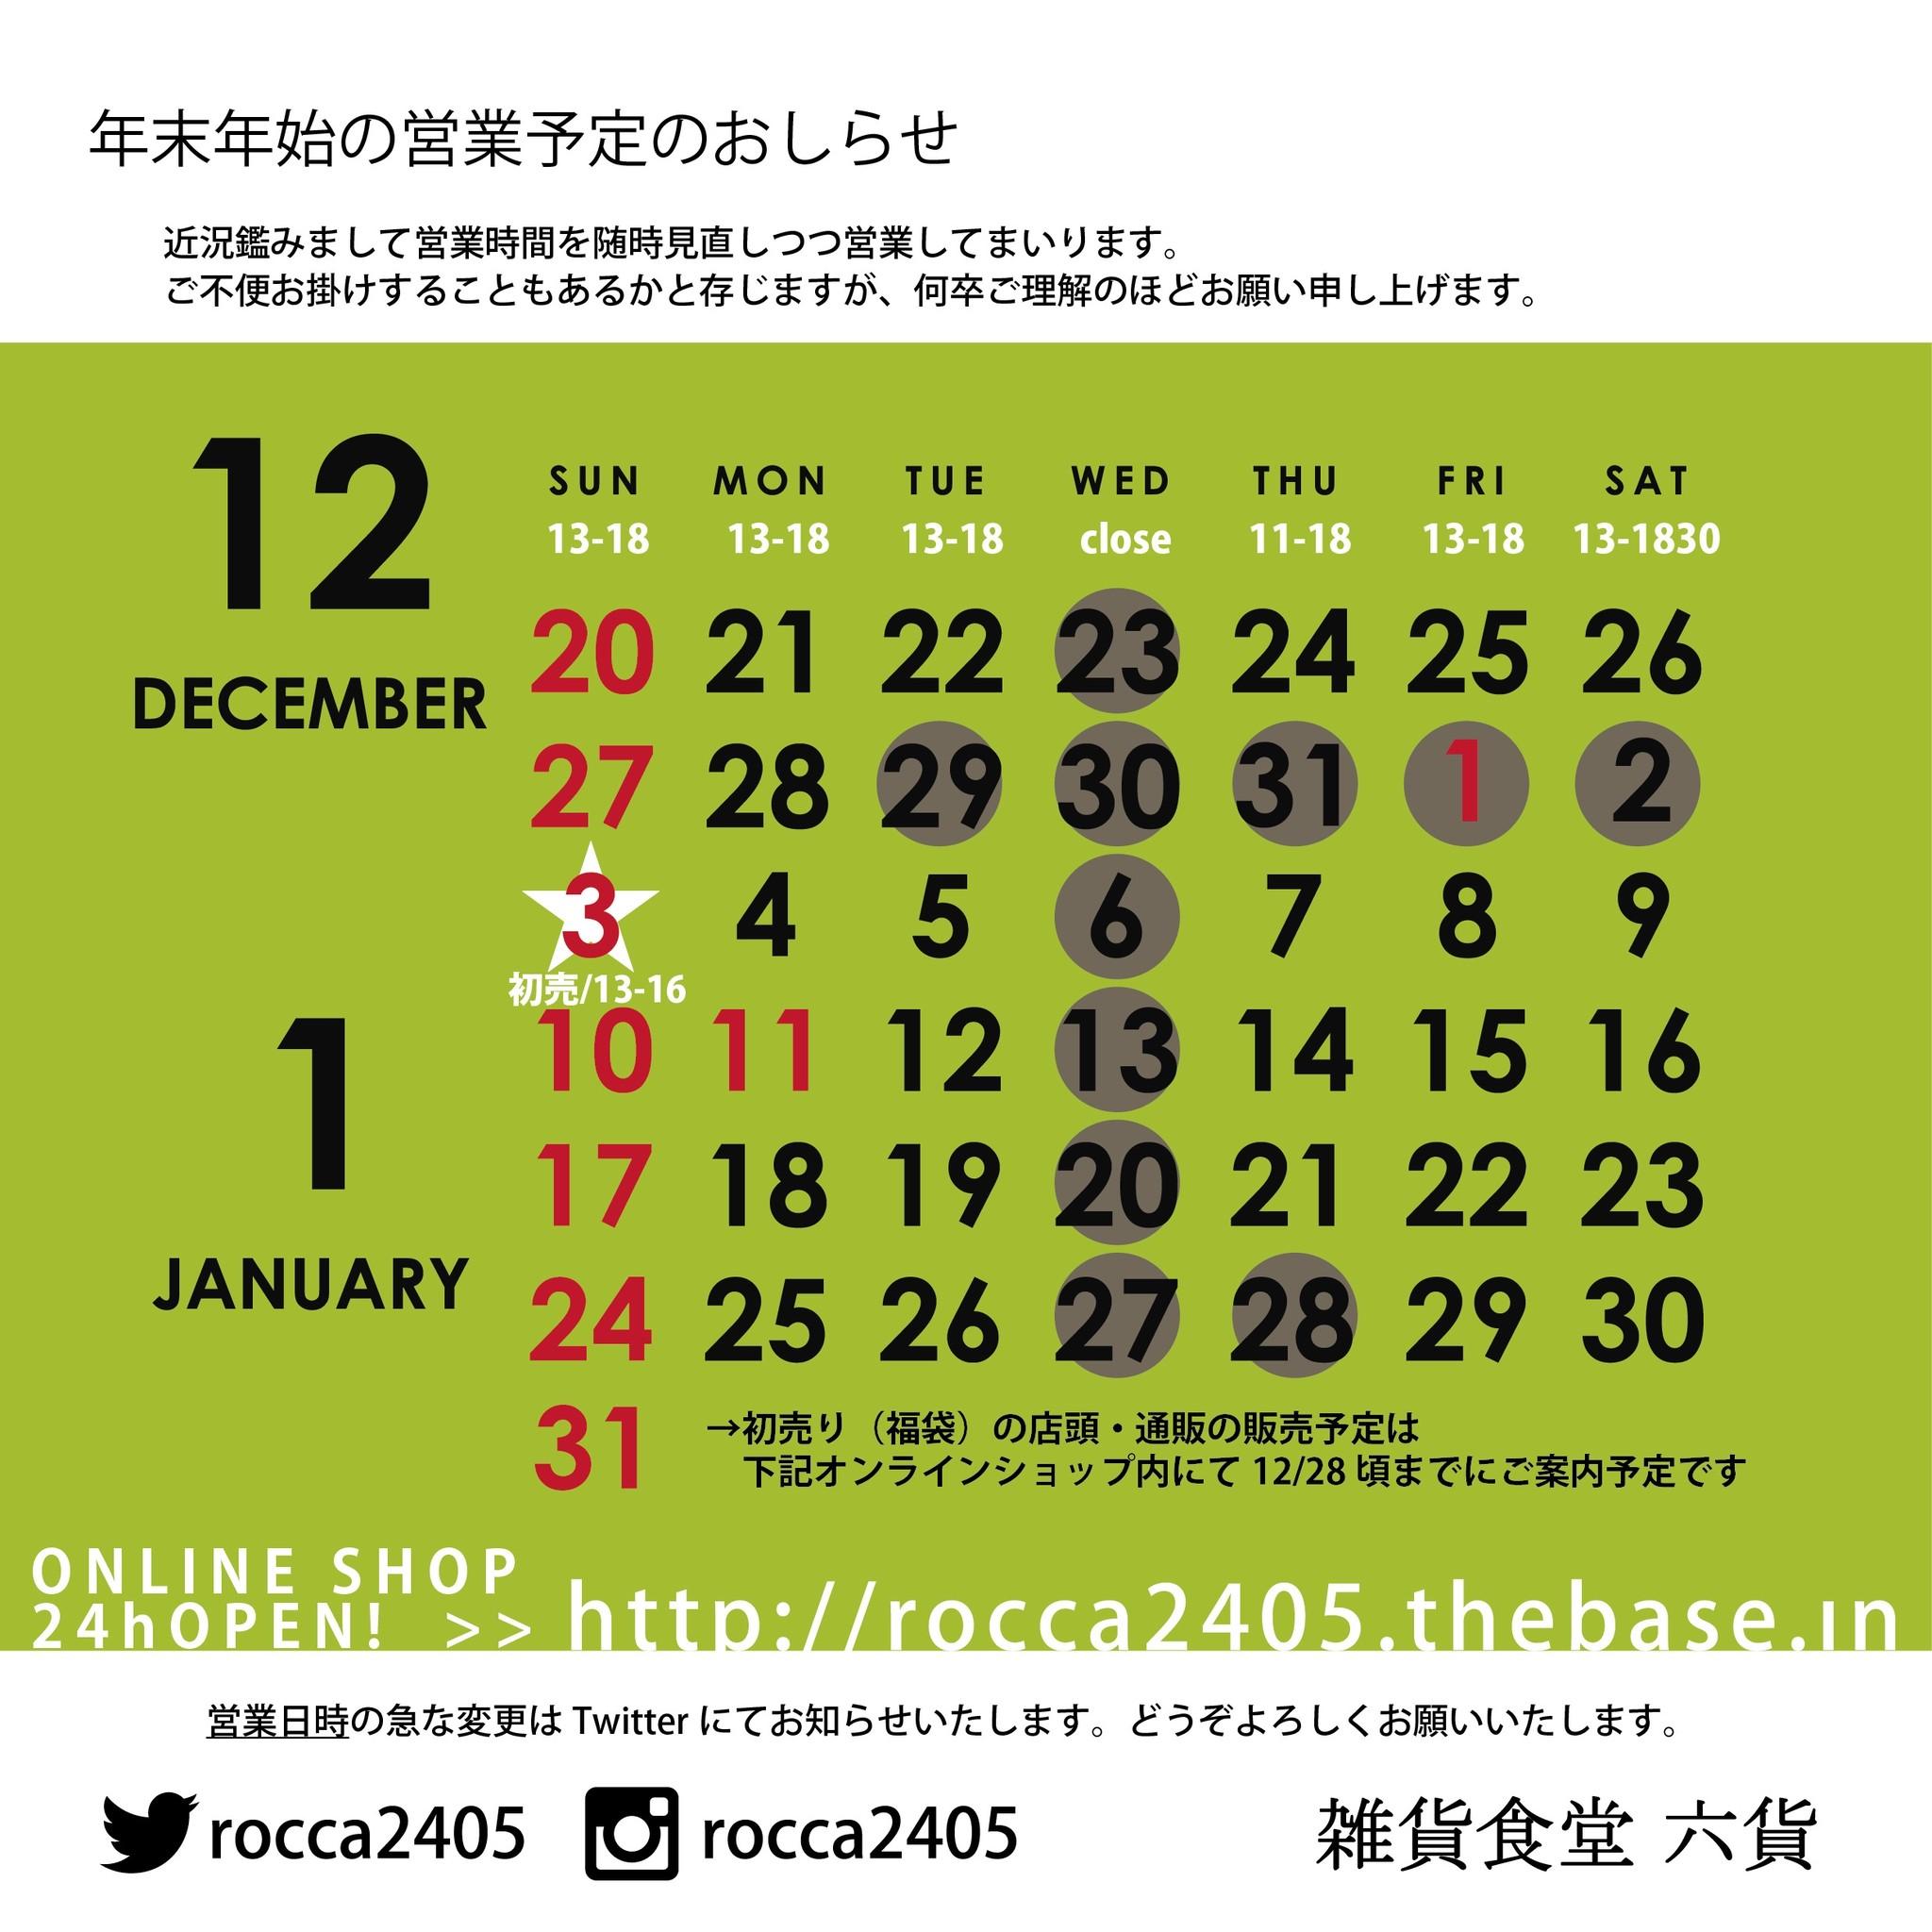 年末年始と福袋のご案内です(12/27)